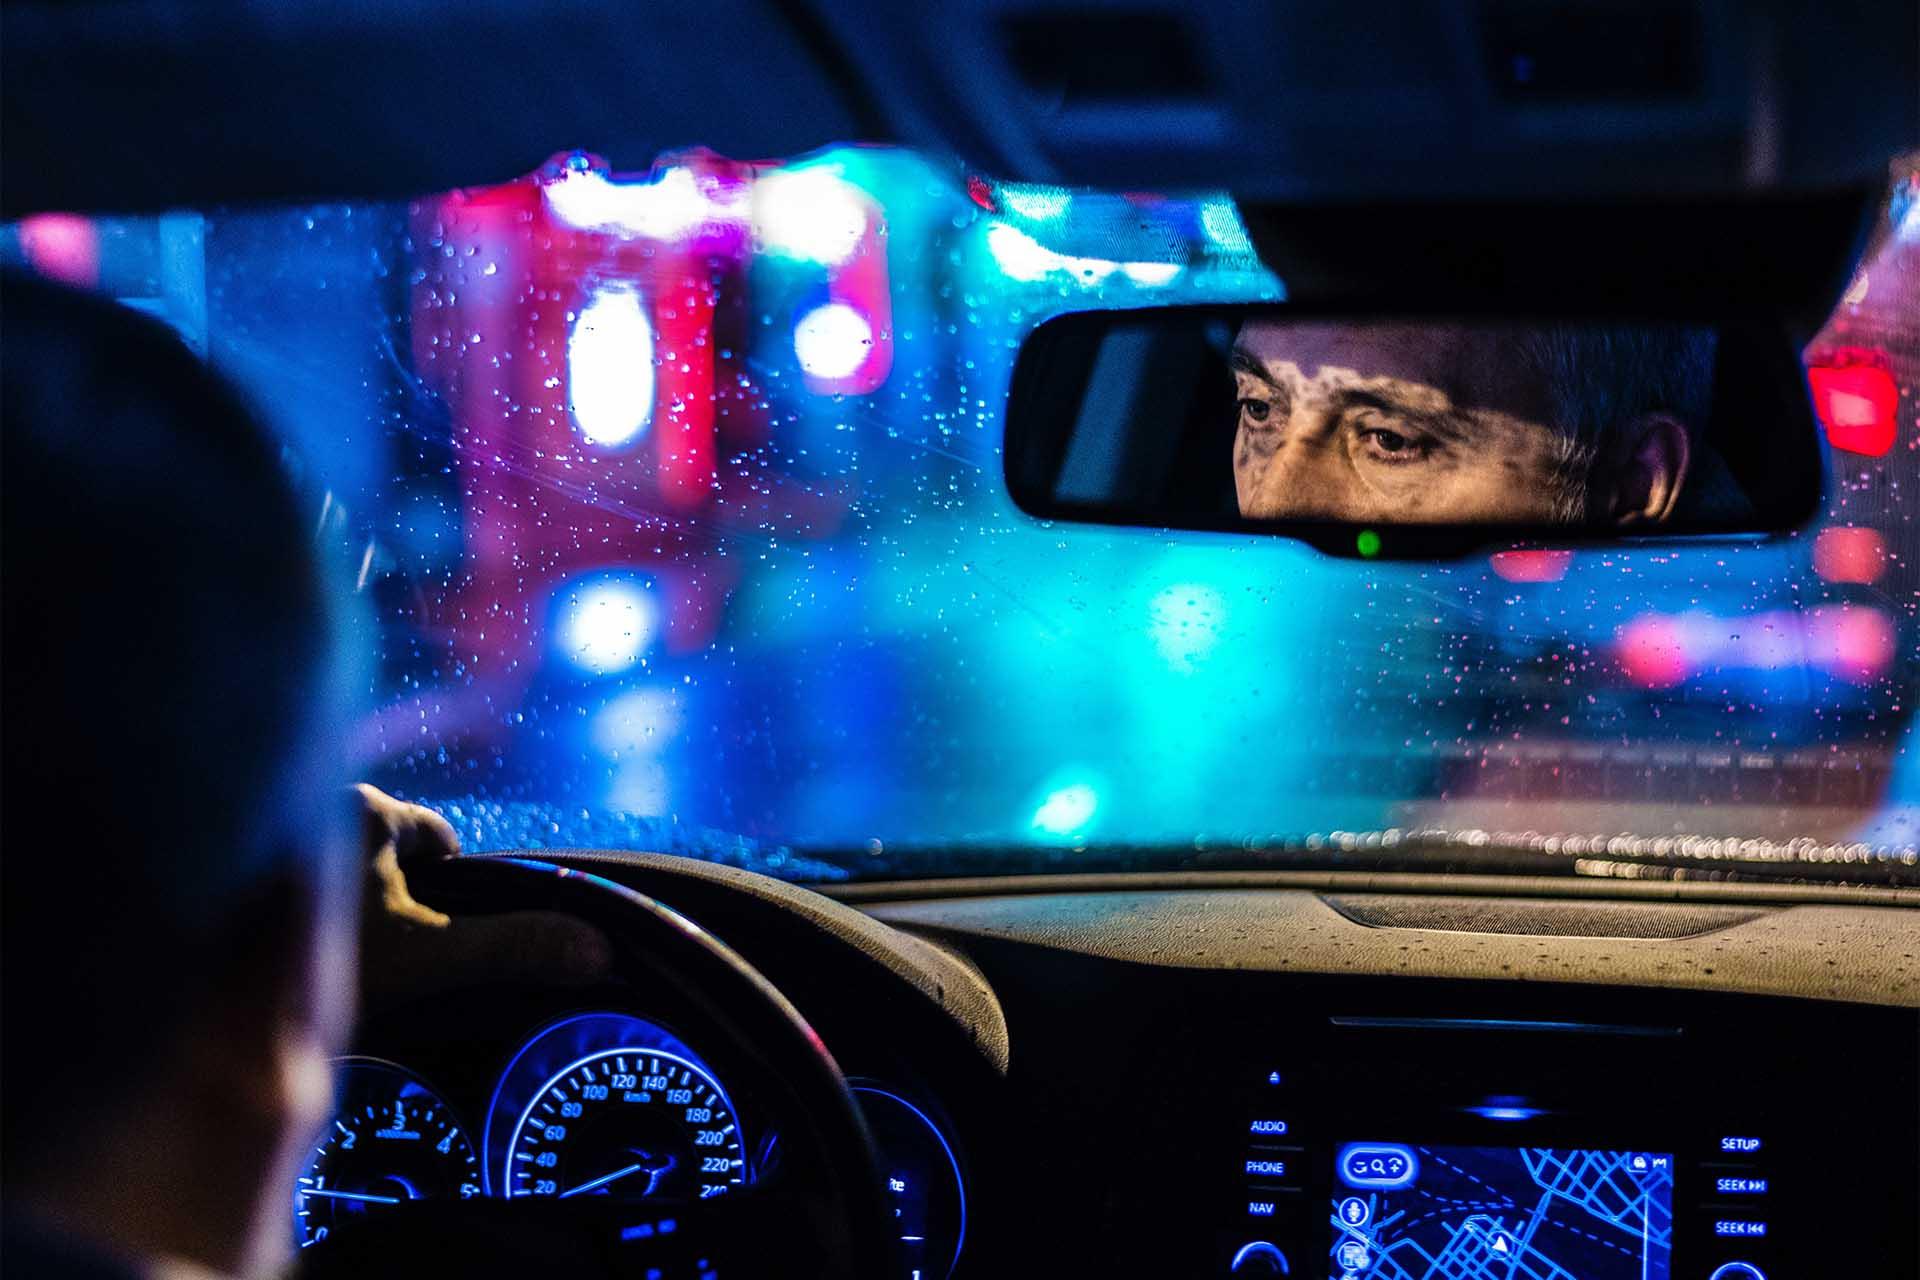 t2informatik Blog: Don't Uber yourself